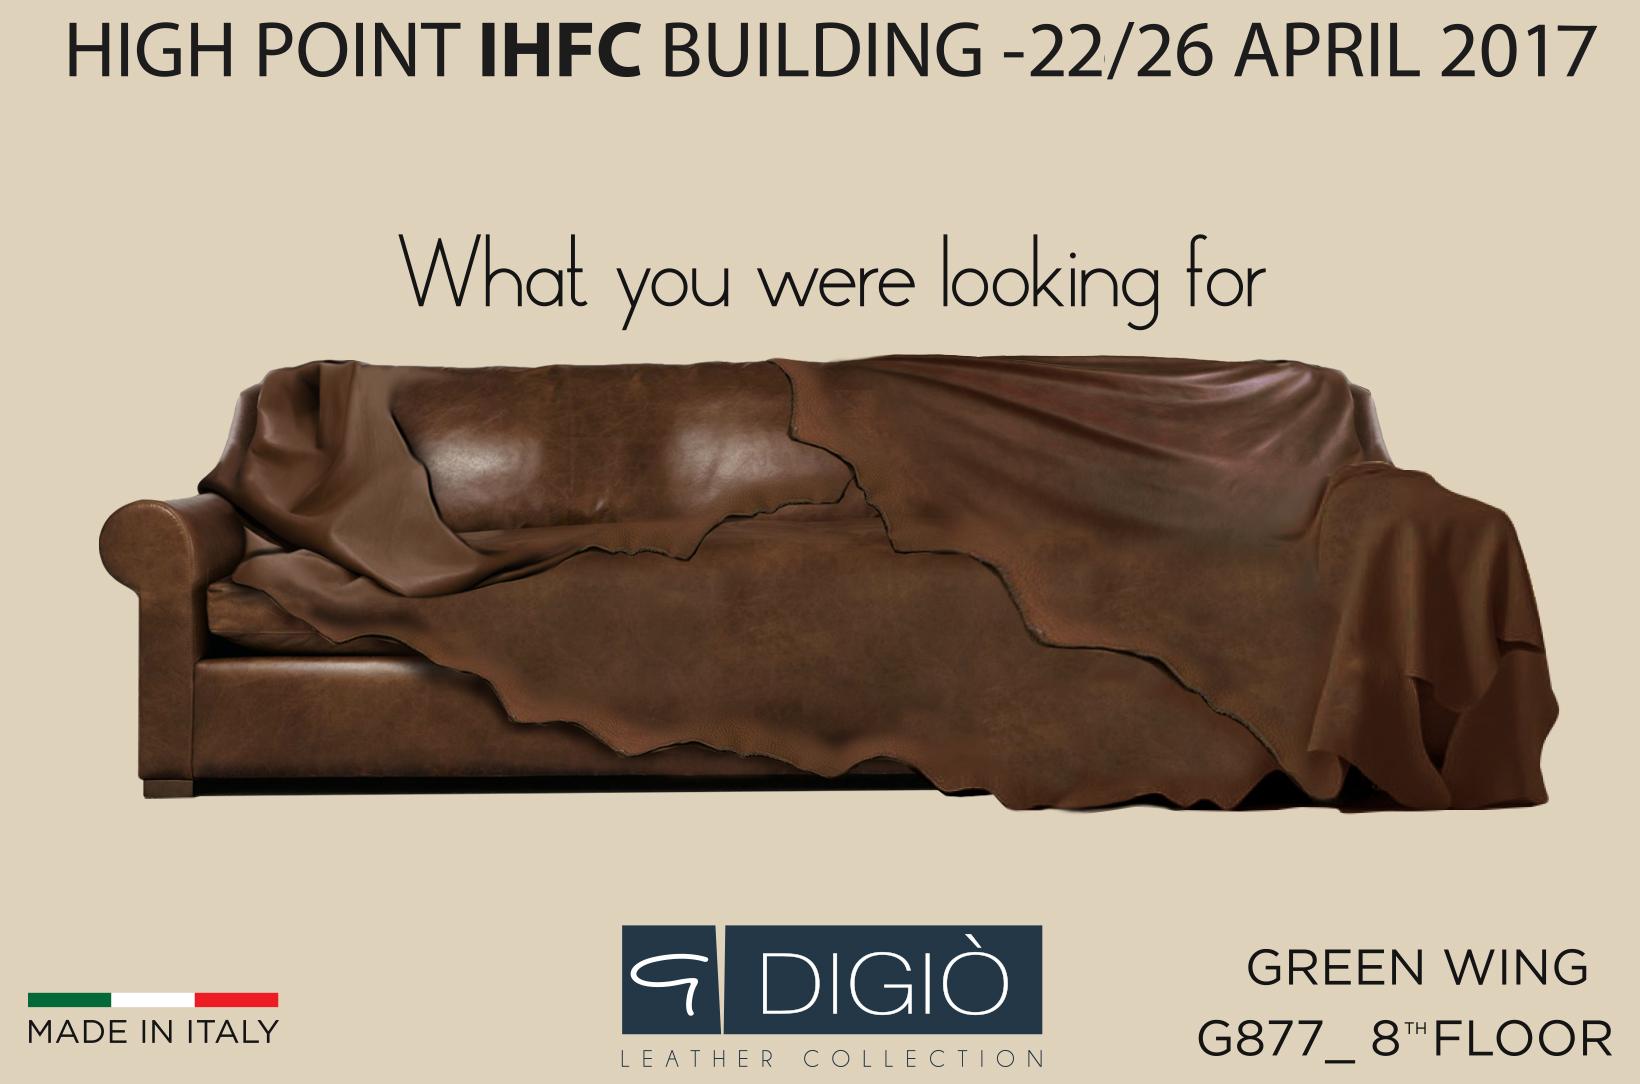 HIGH POINT IHFC BUILDING Gennaio 2015